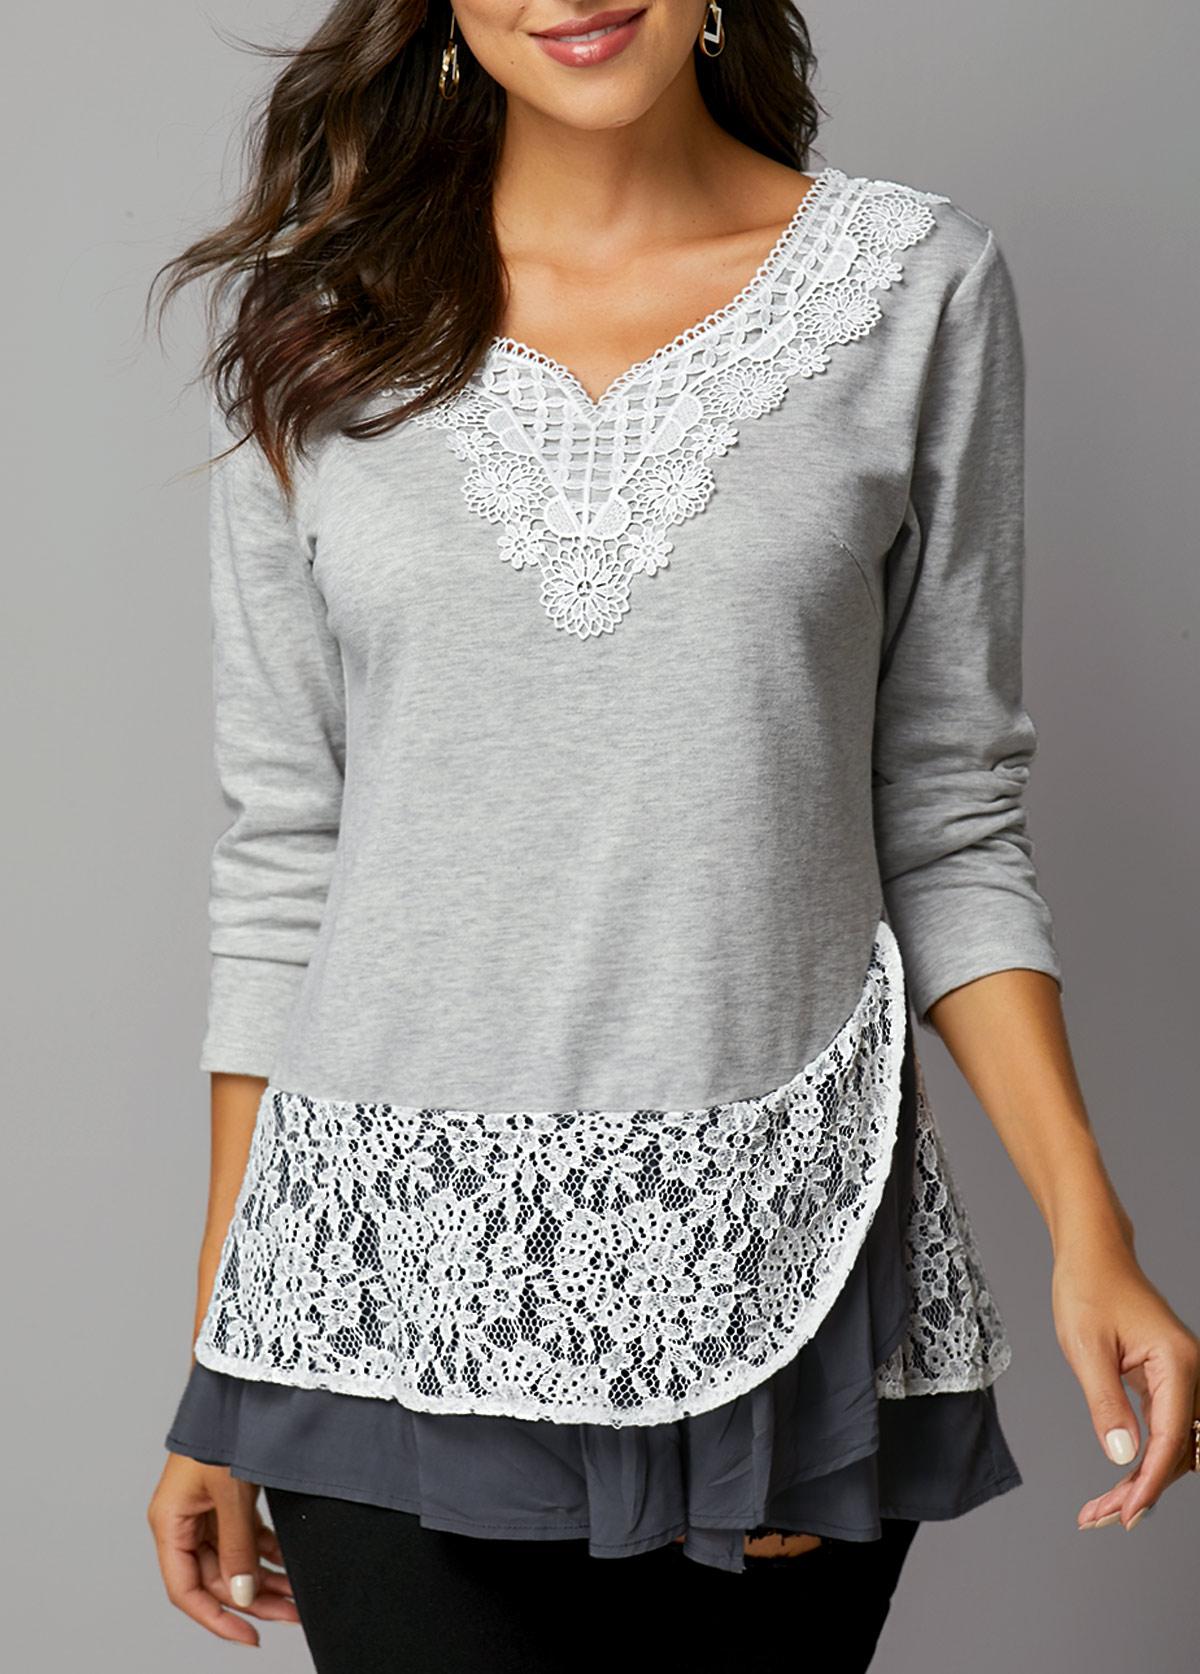 Layered Hem Lace Panel Light Grey T Shirt